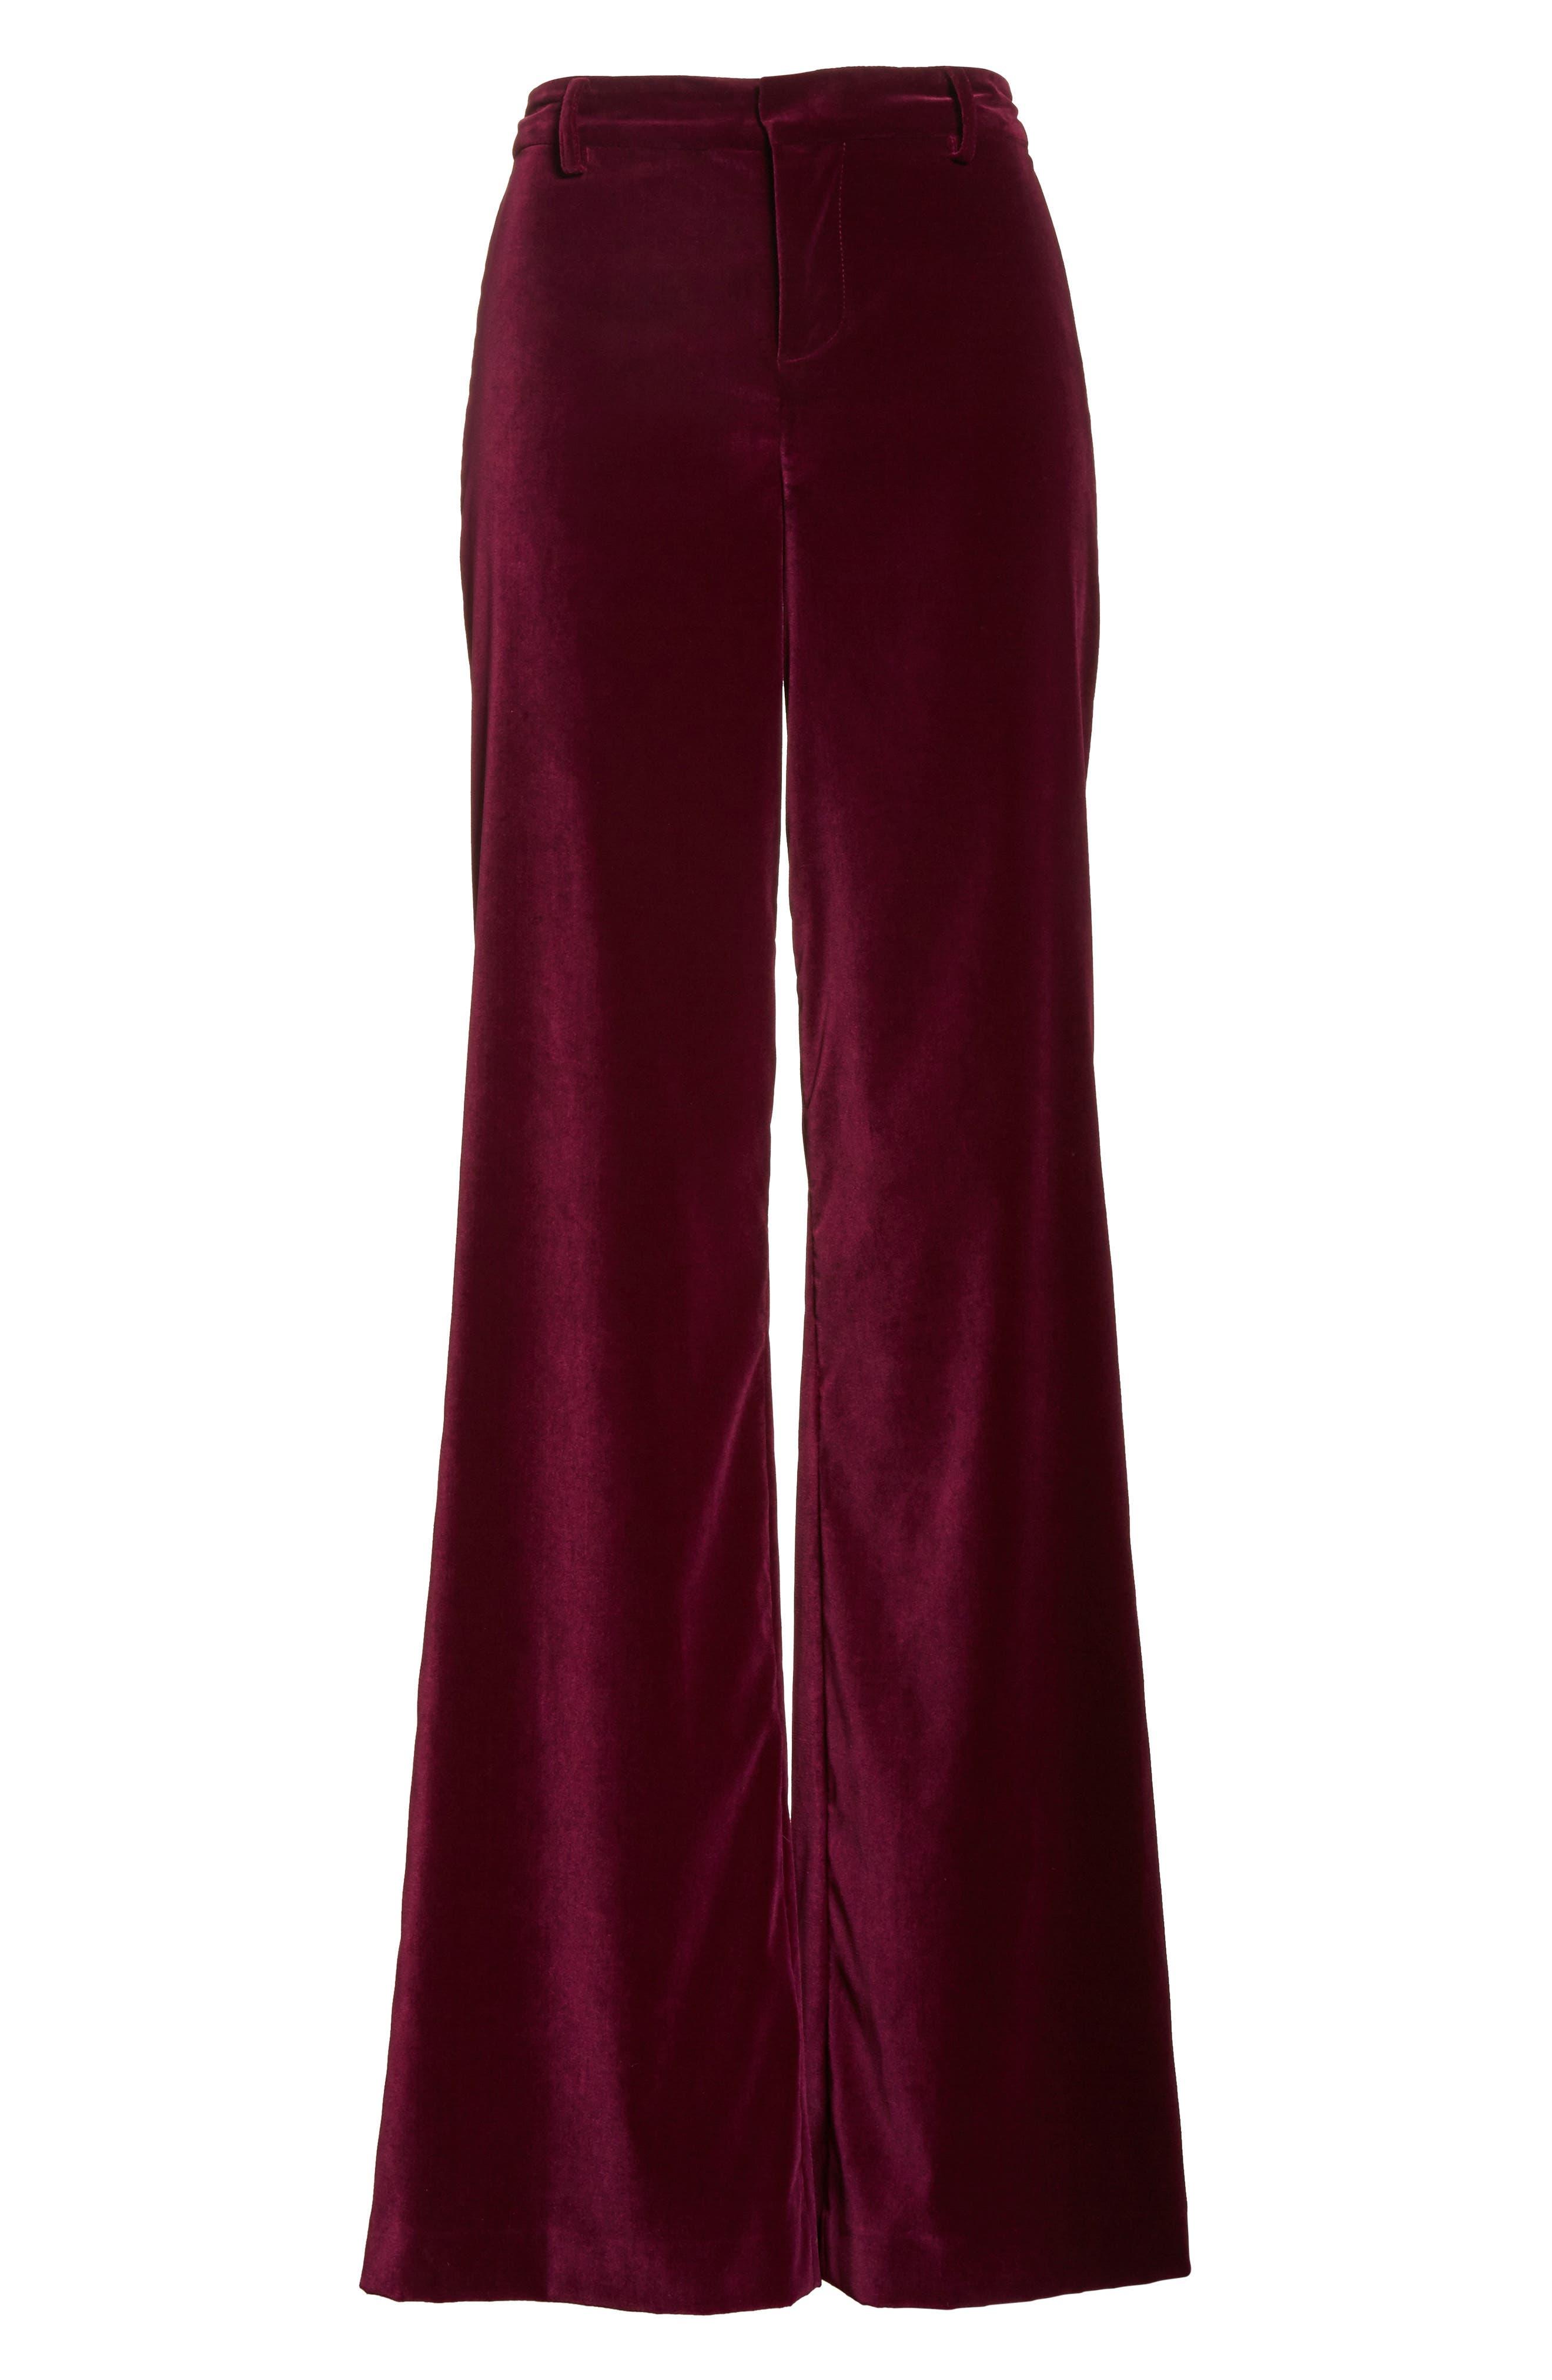 Paulette Velvet Tuxedo Pants,                             Alternate thumbnail 6, color,                             934